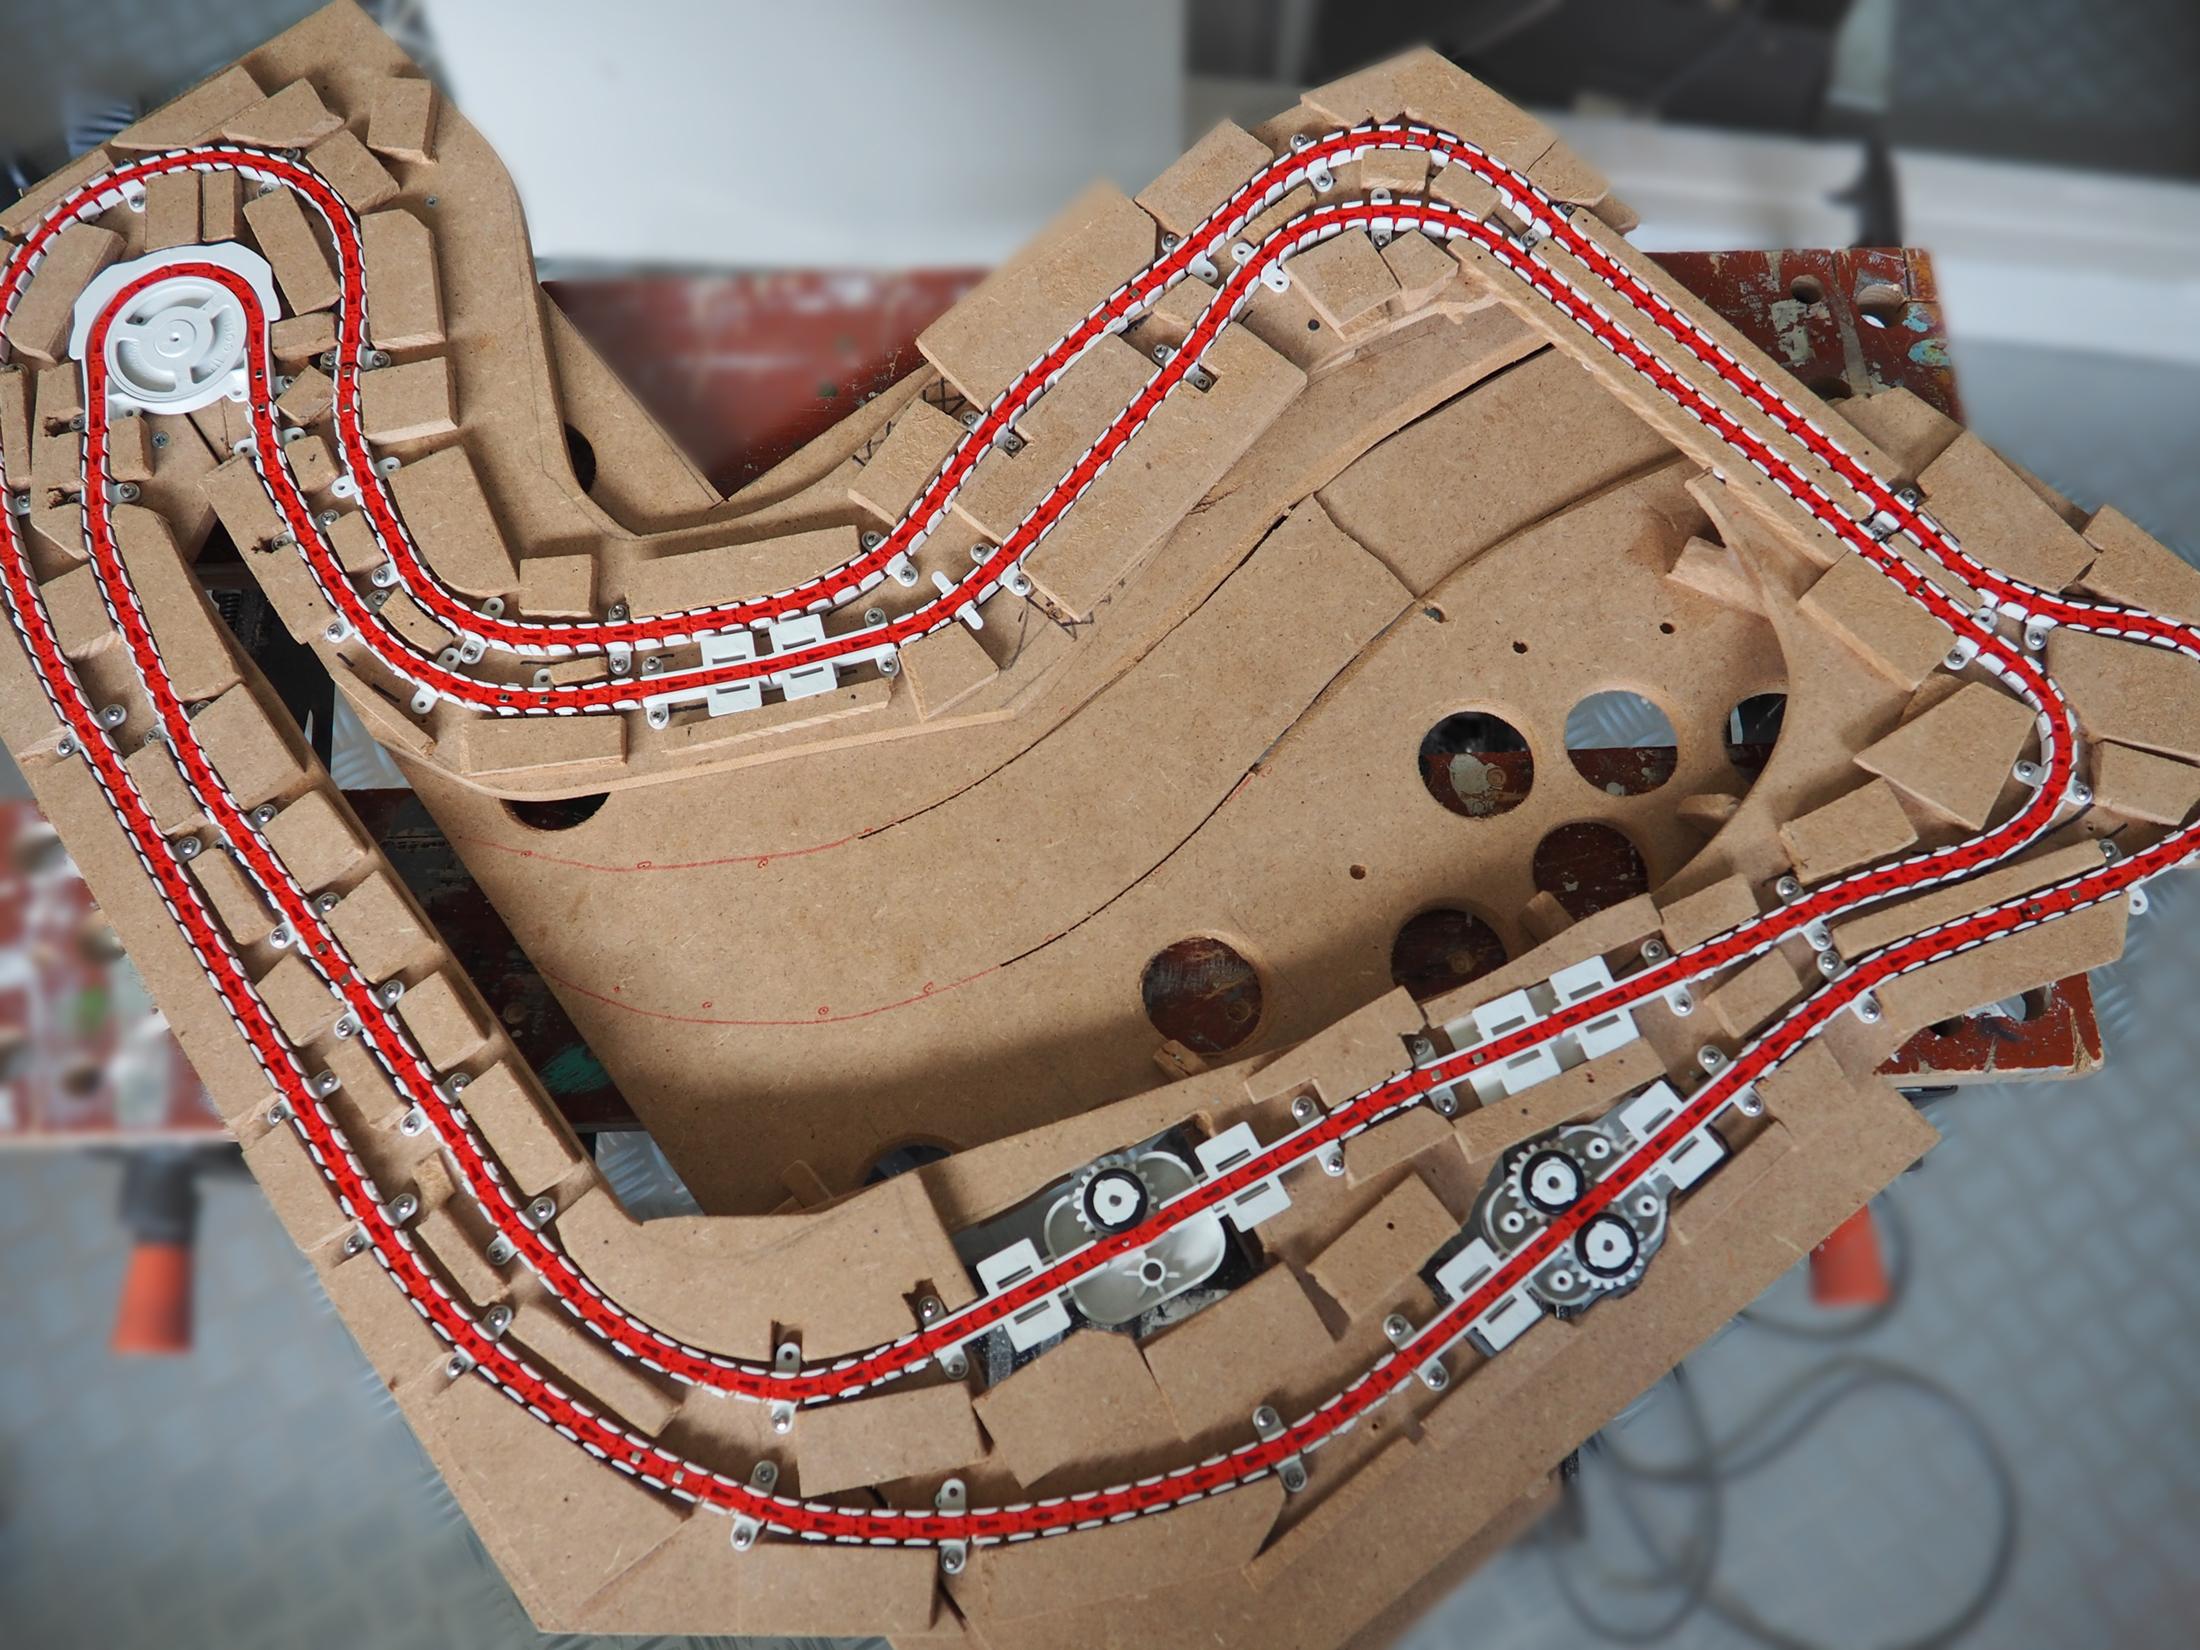 Het totale magnorail-traject bestaat uit twee aparte kettingen met aandrijving. Zo is er twee-richtingverkeer mogelijk.